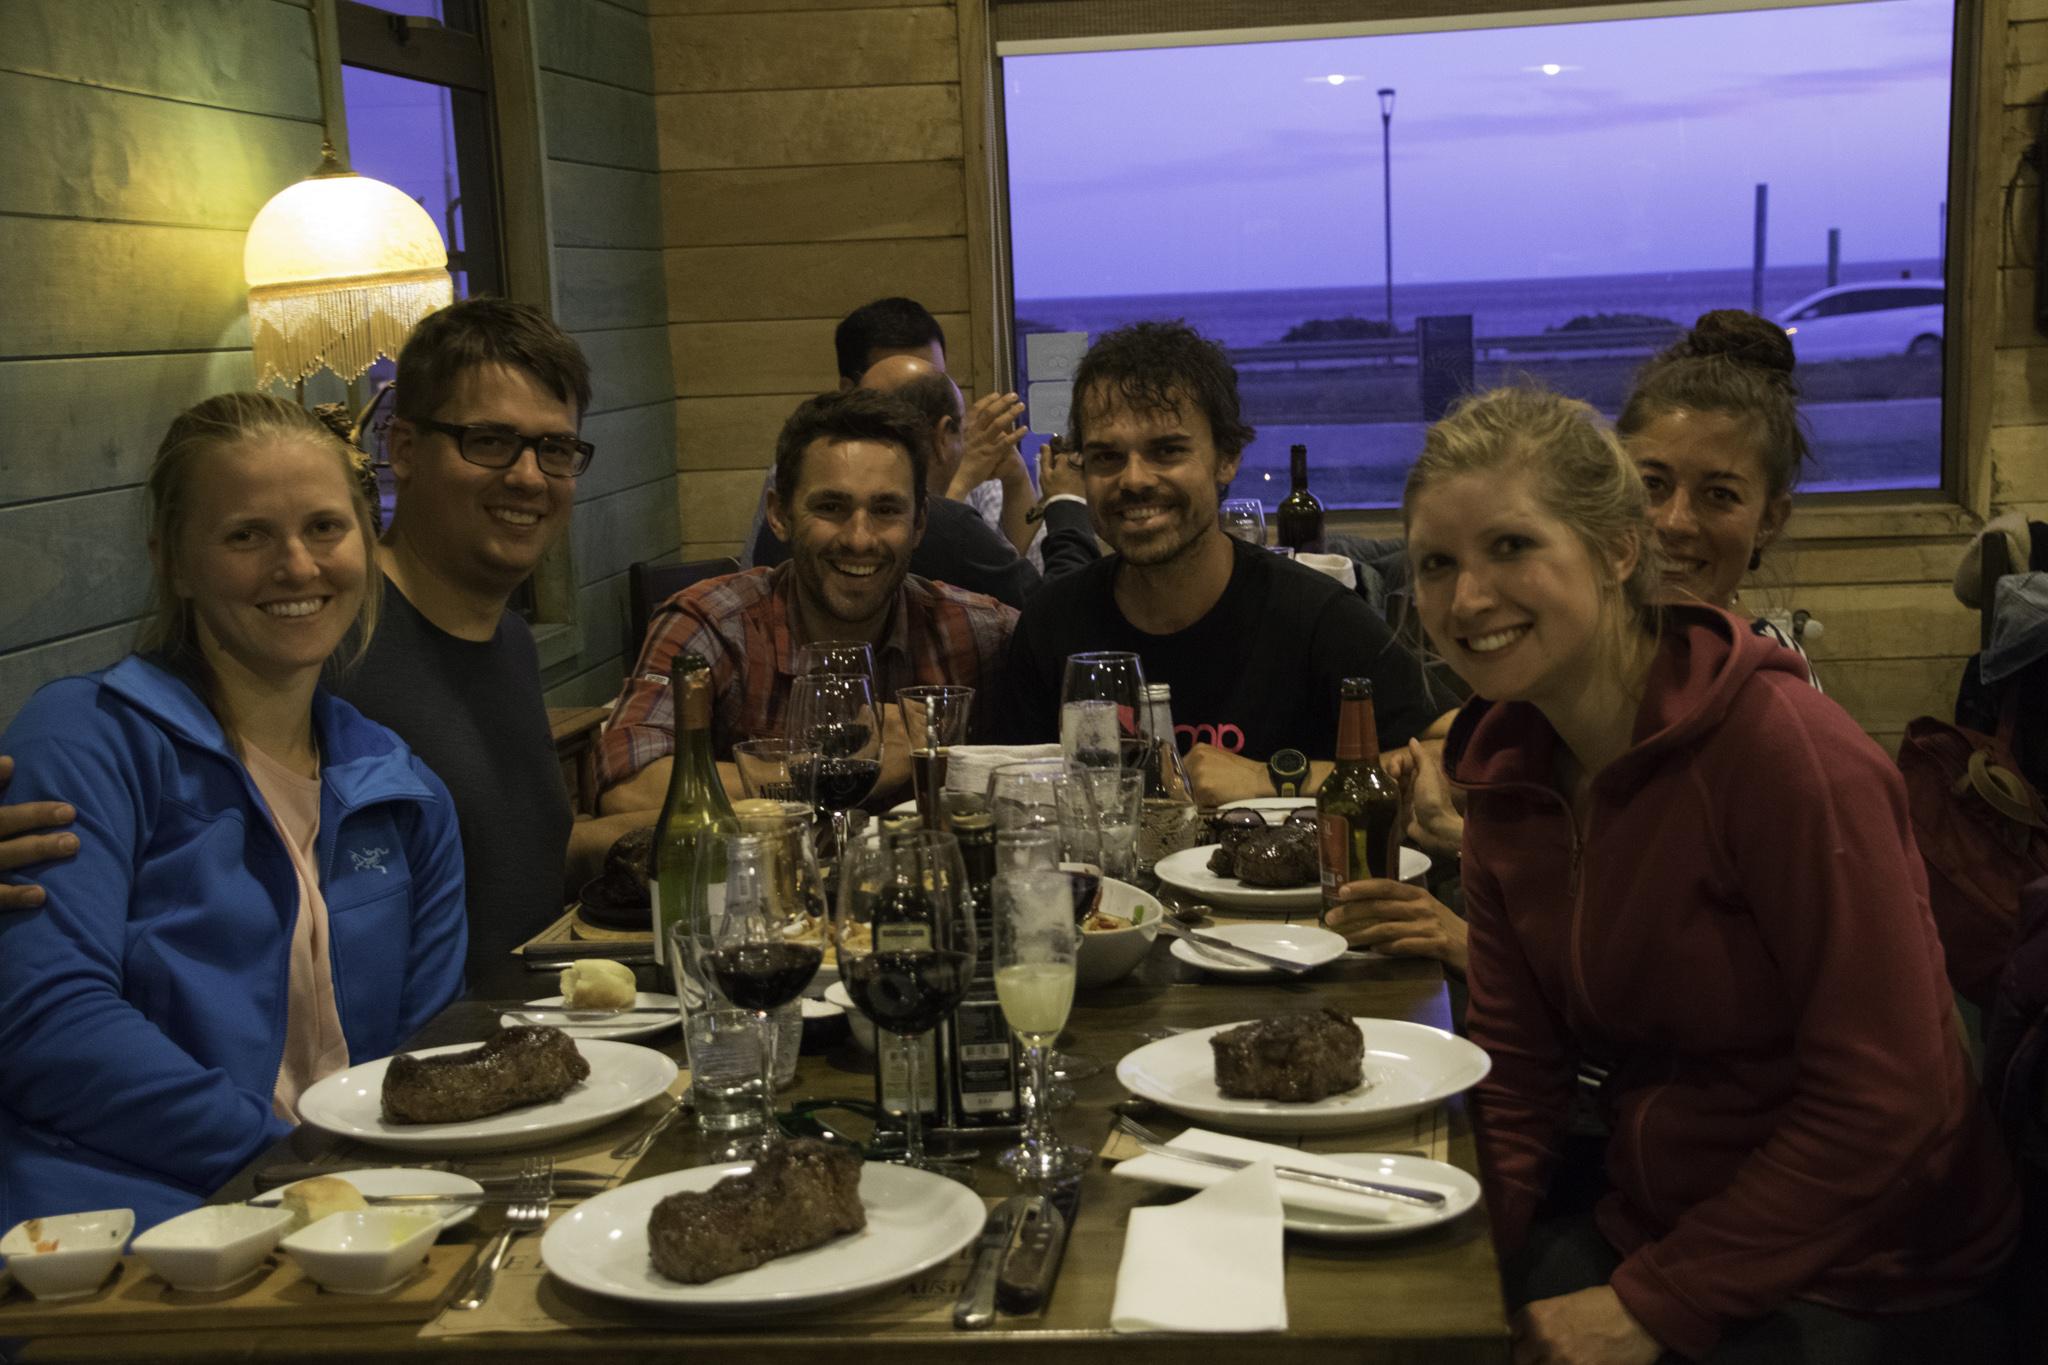 Miriams Geburtstagsfeier im Steak-House in Schweizer Gesellschaft